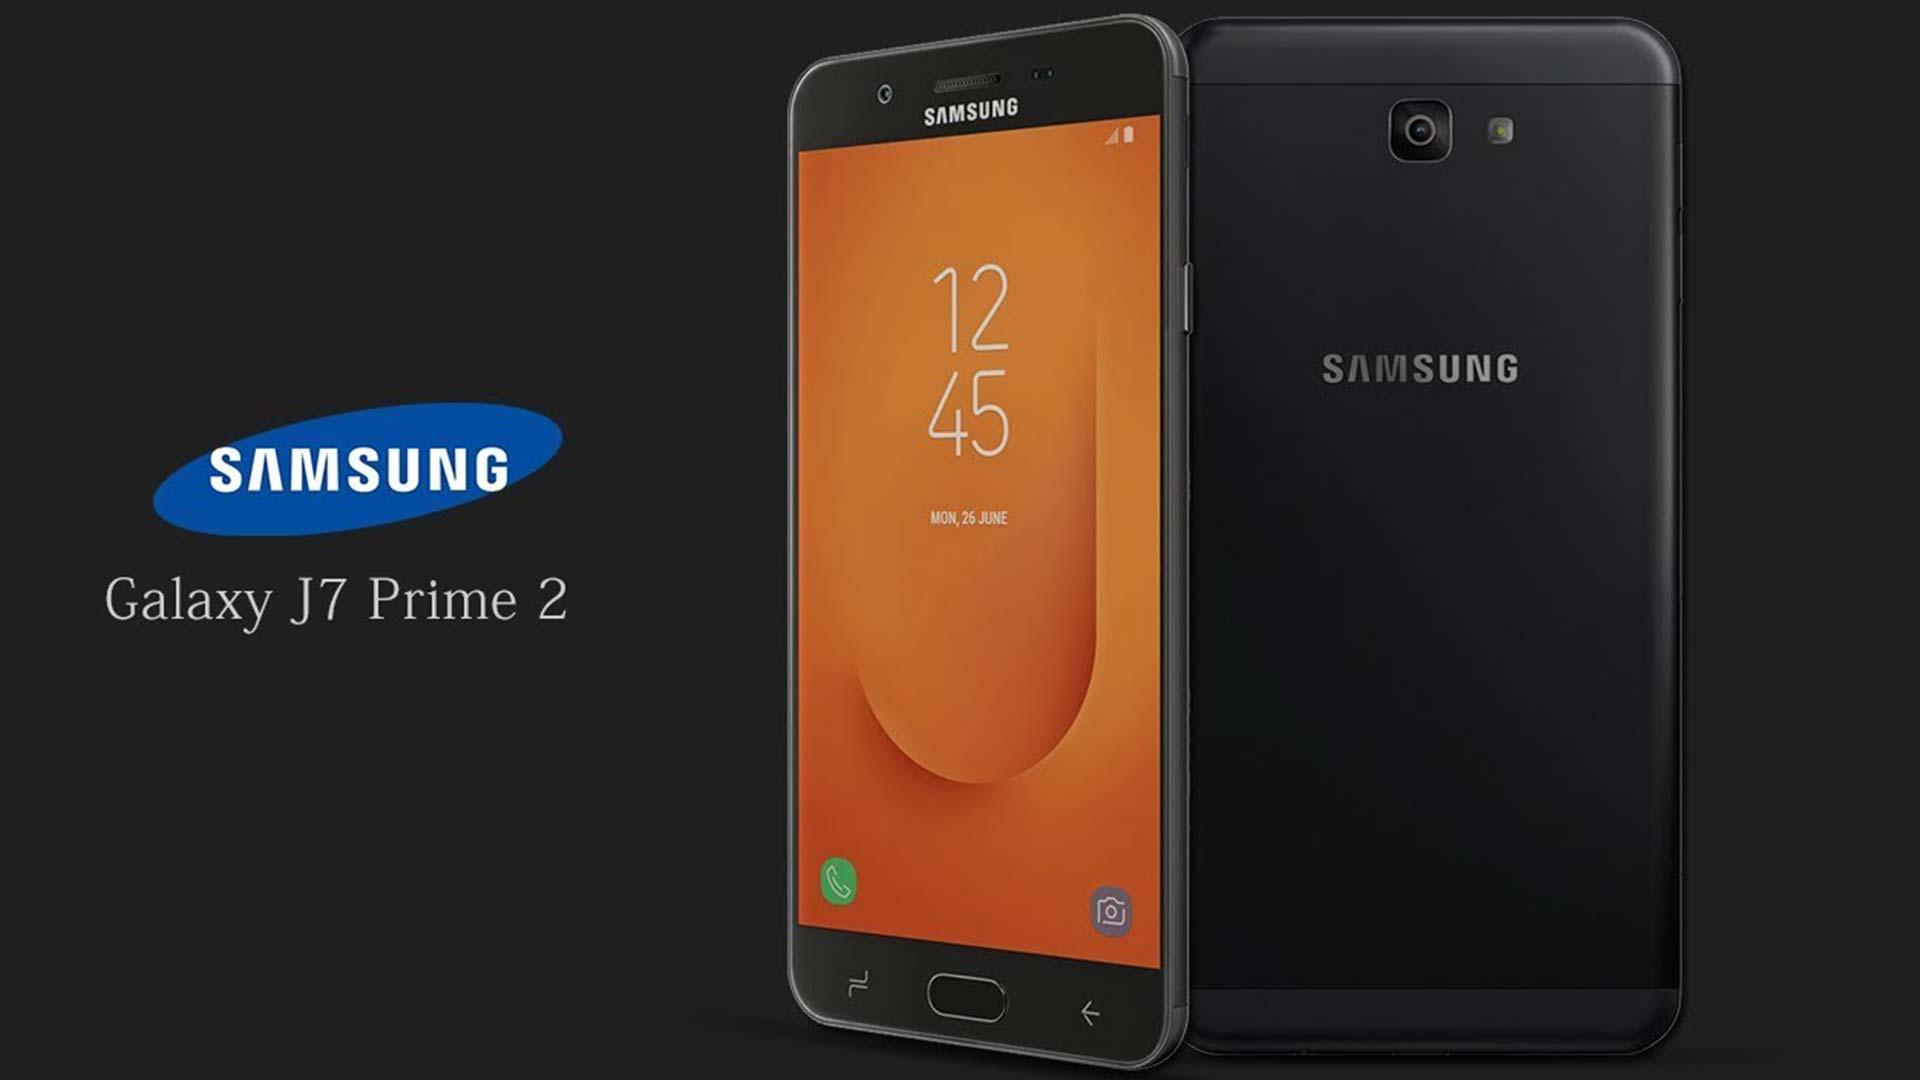 Novo Galaxy J7 Prime com suporte a TV digital e Bixby chega ao Brasil 5